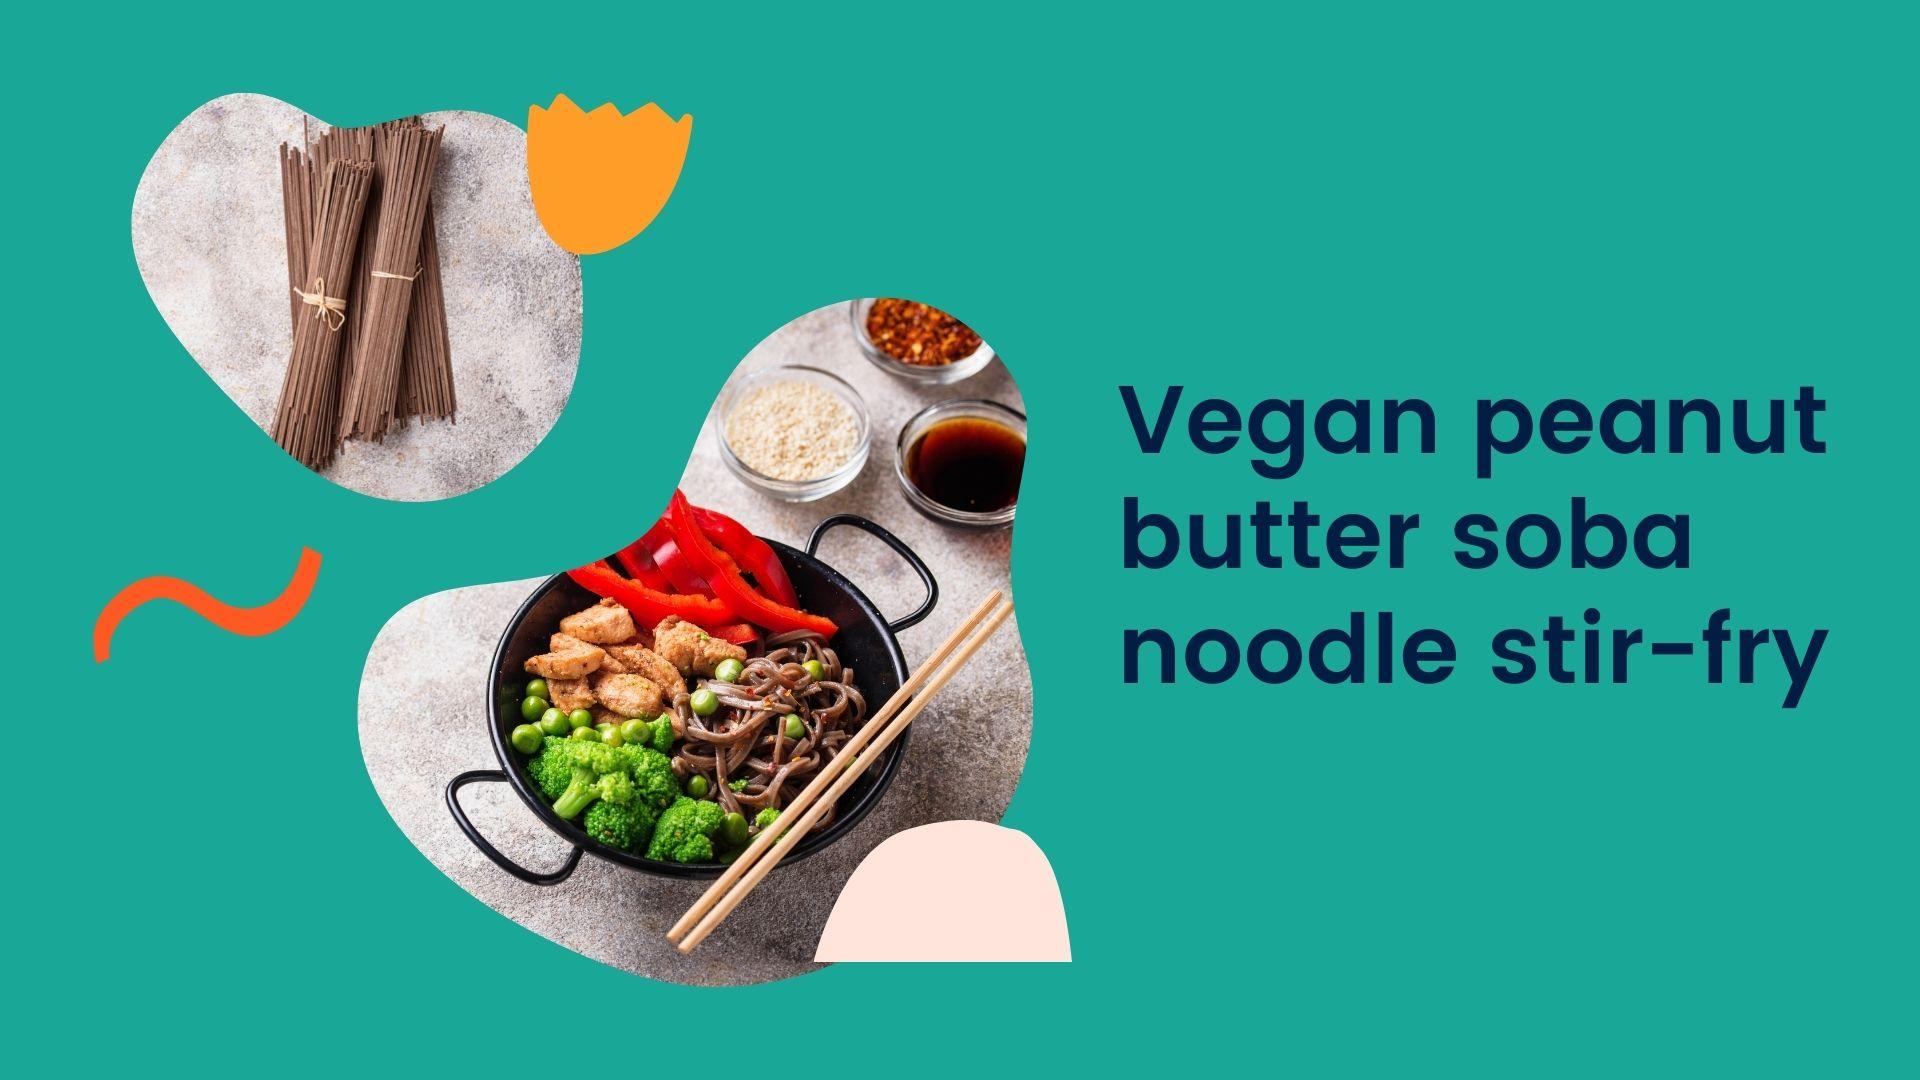 Vegan peanut butter soba noodle stir-fry